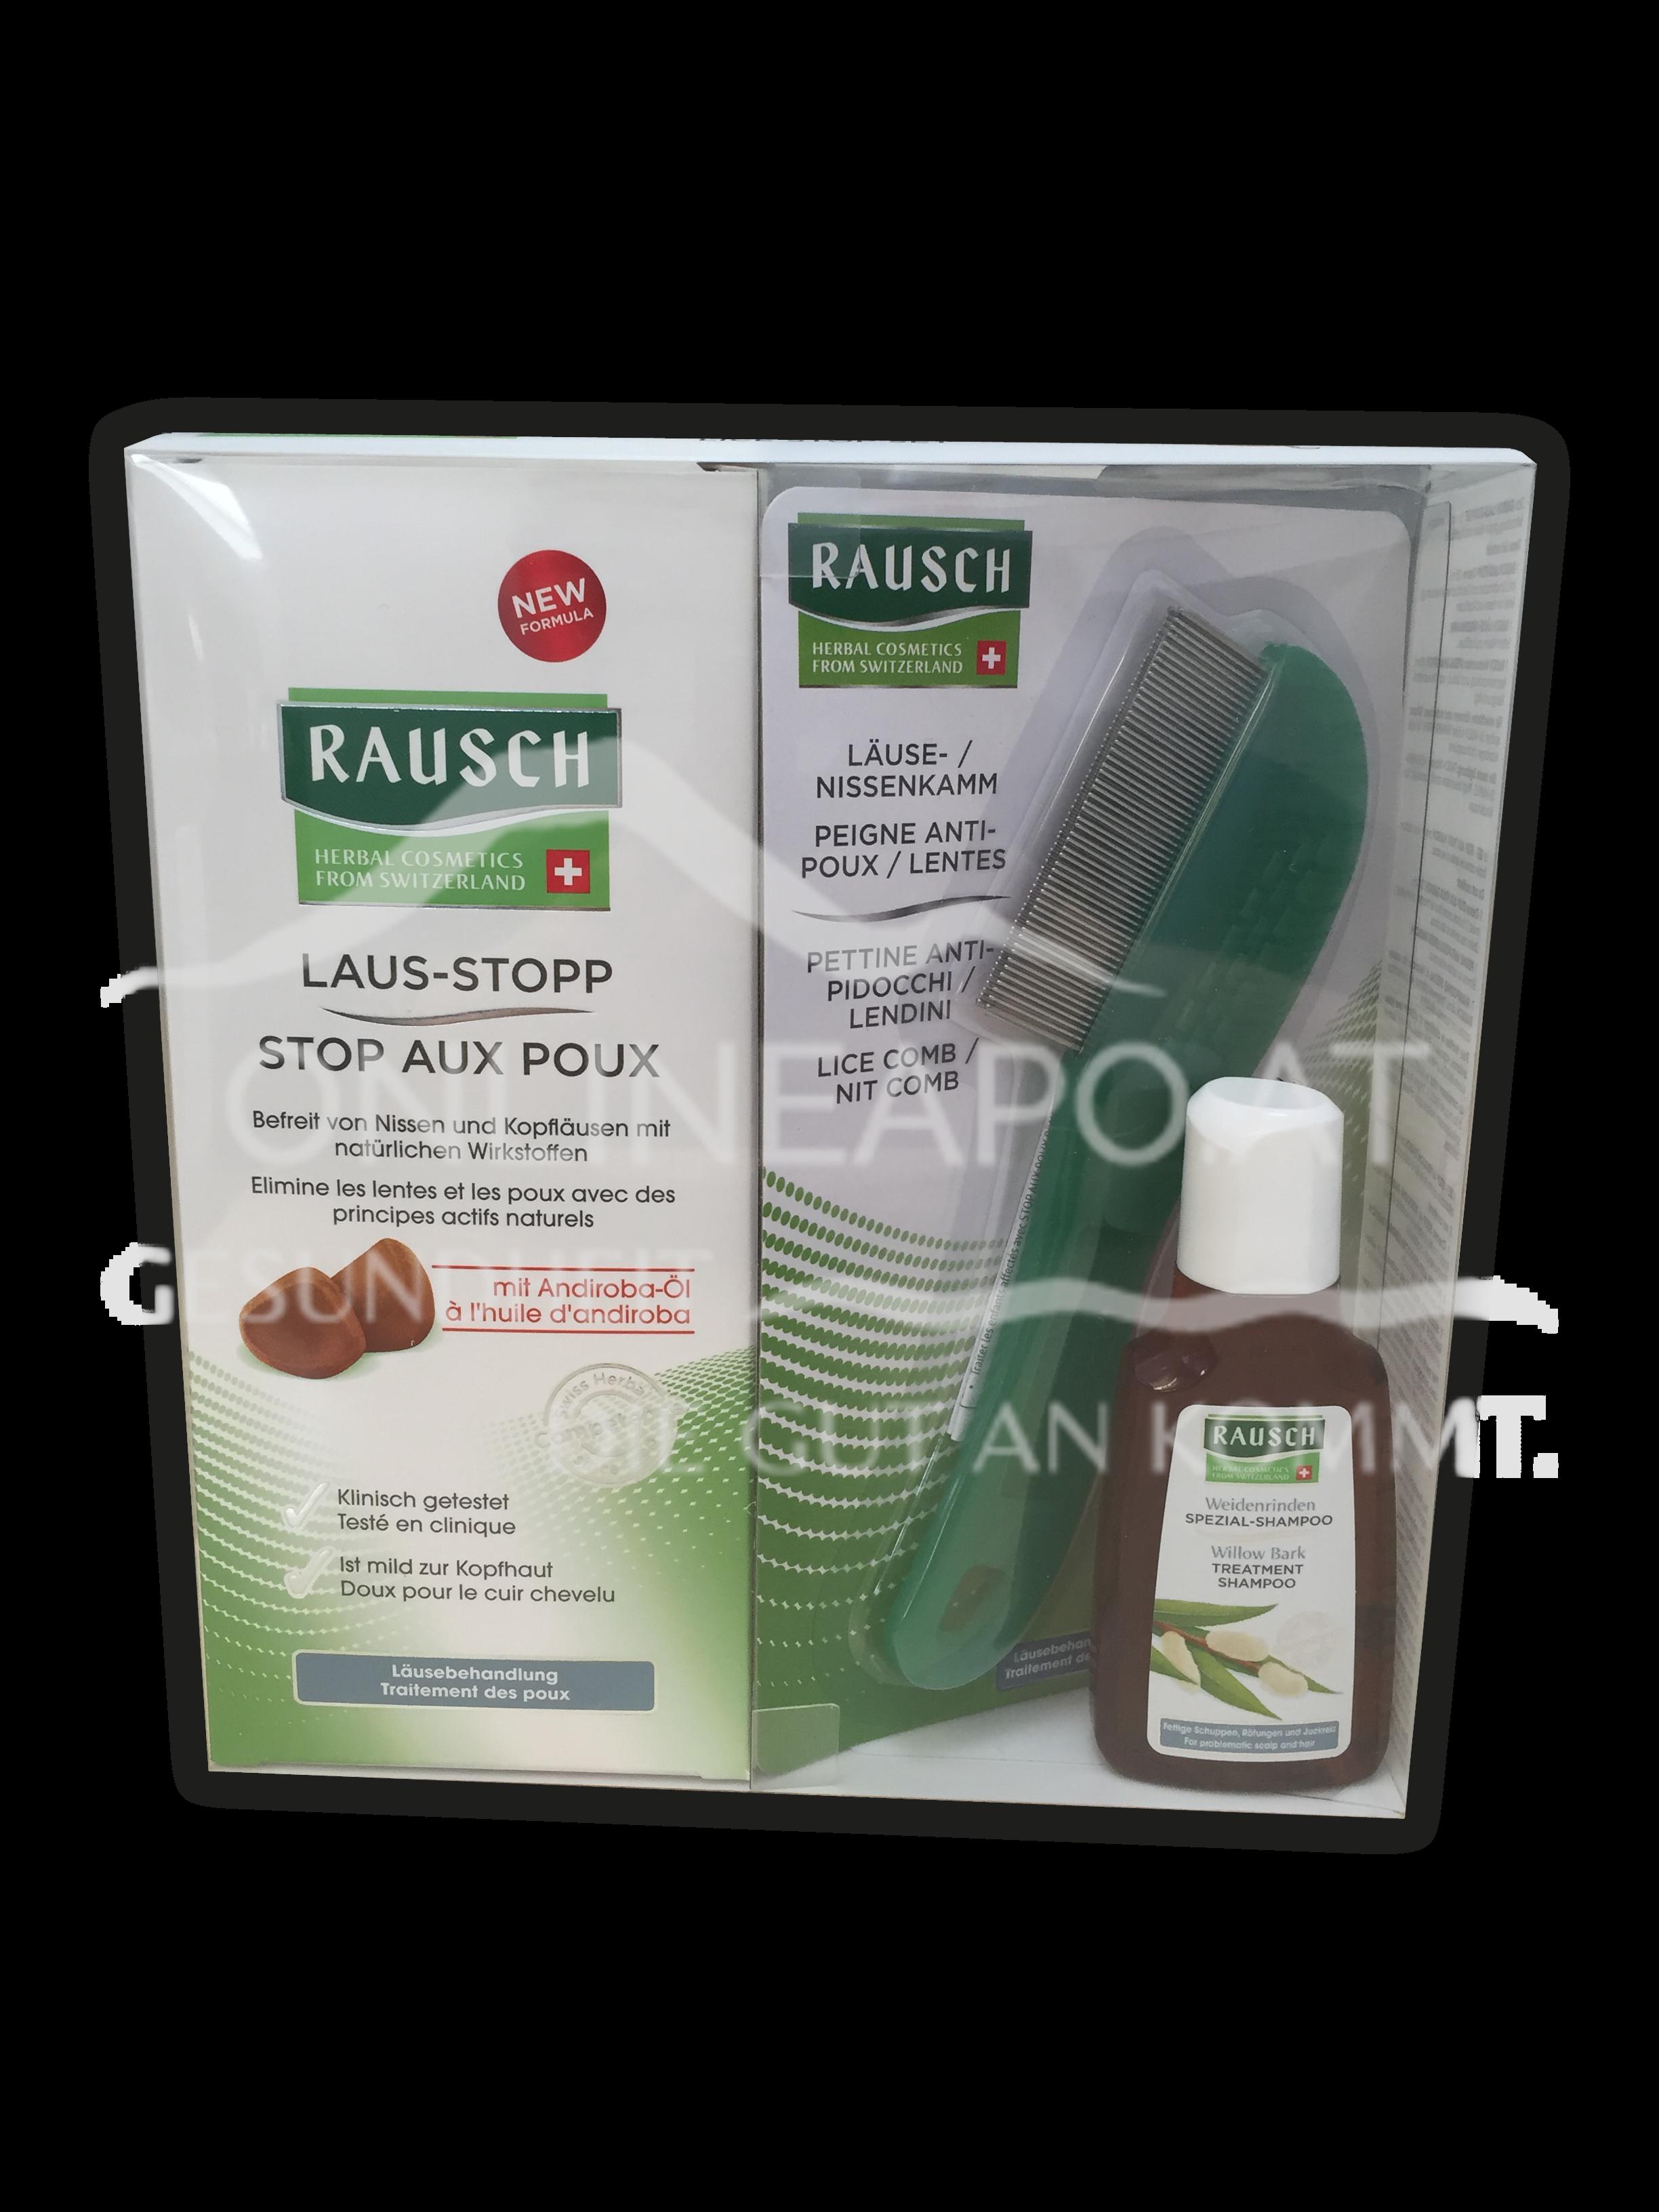 Rausch Laus-Stopp-Set